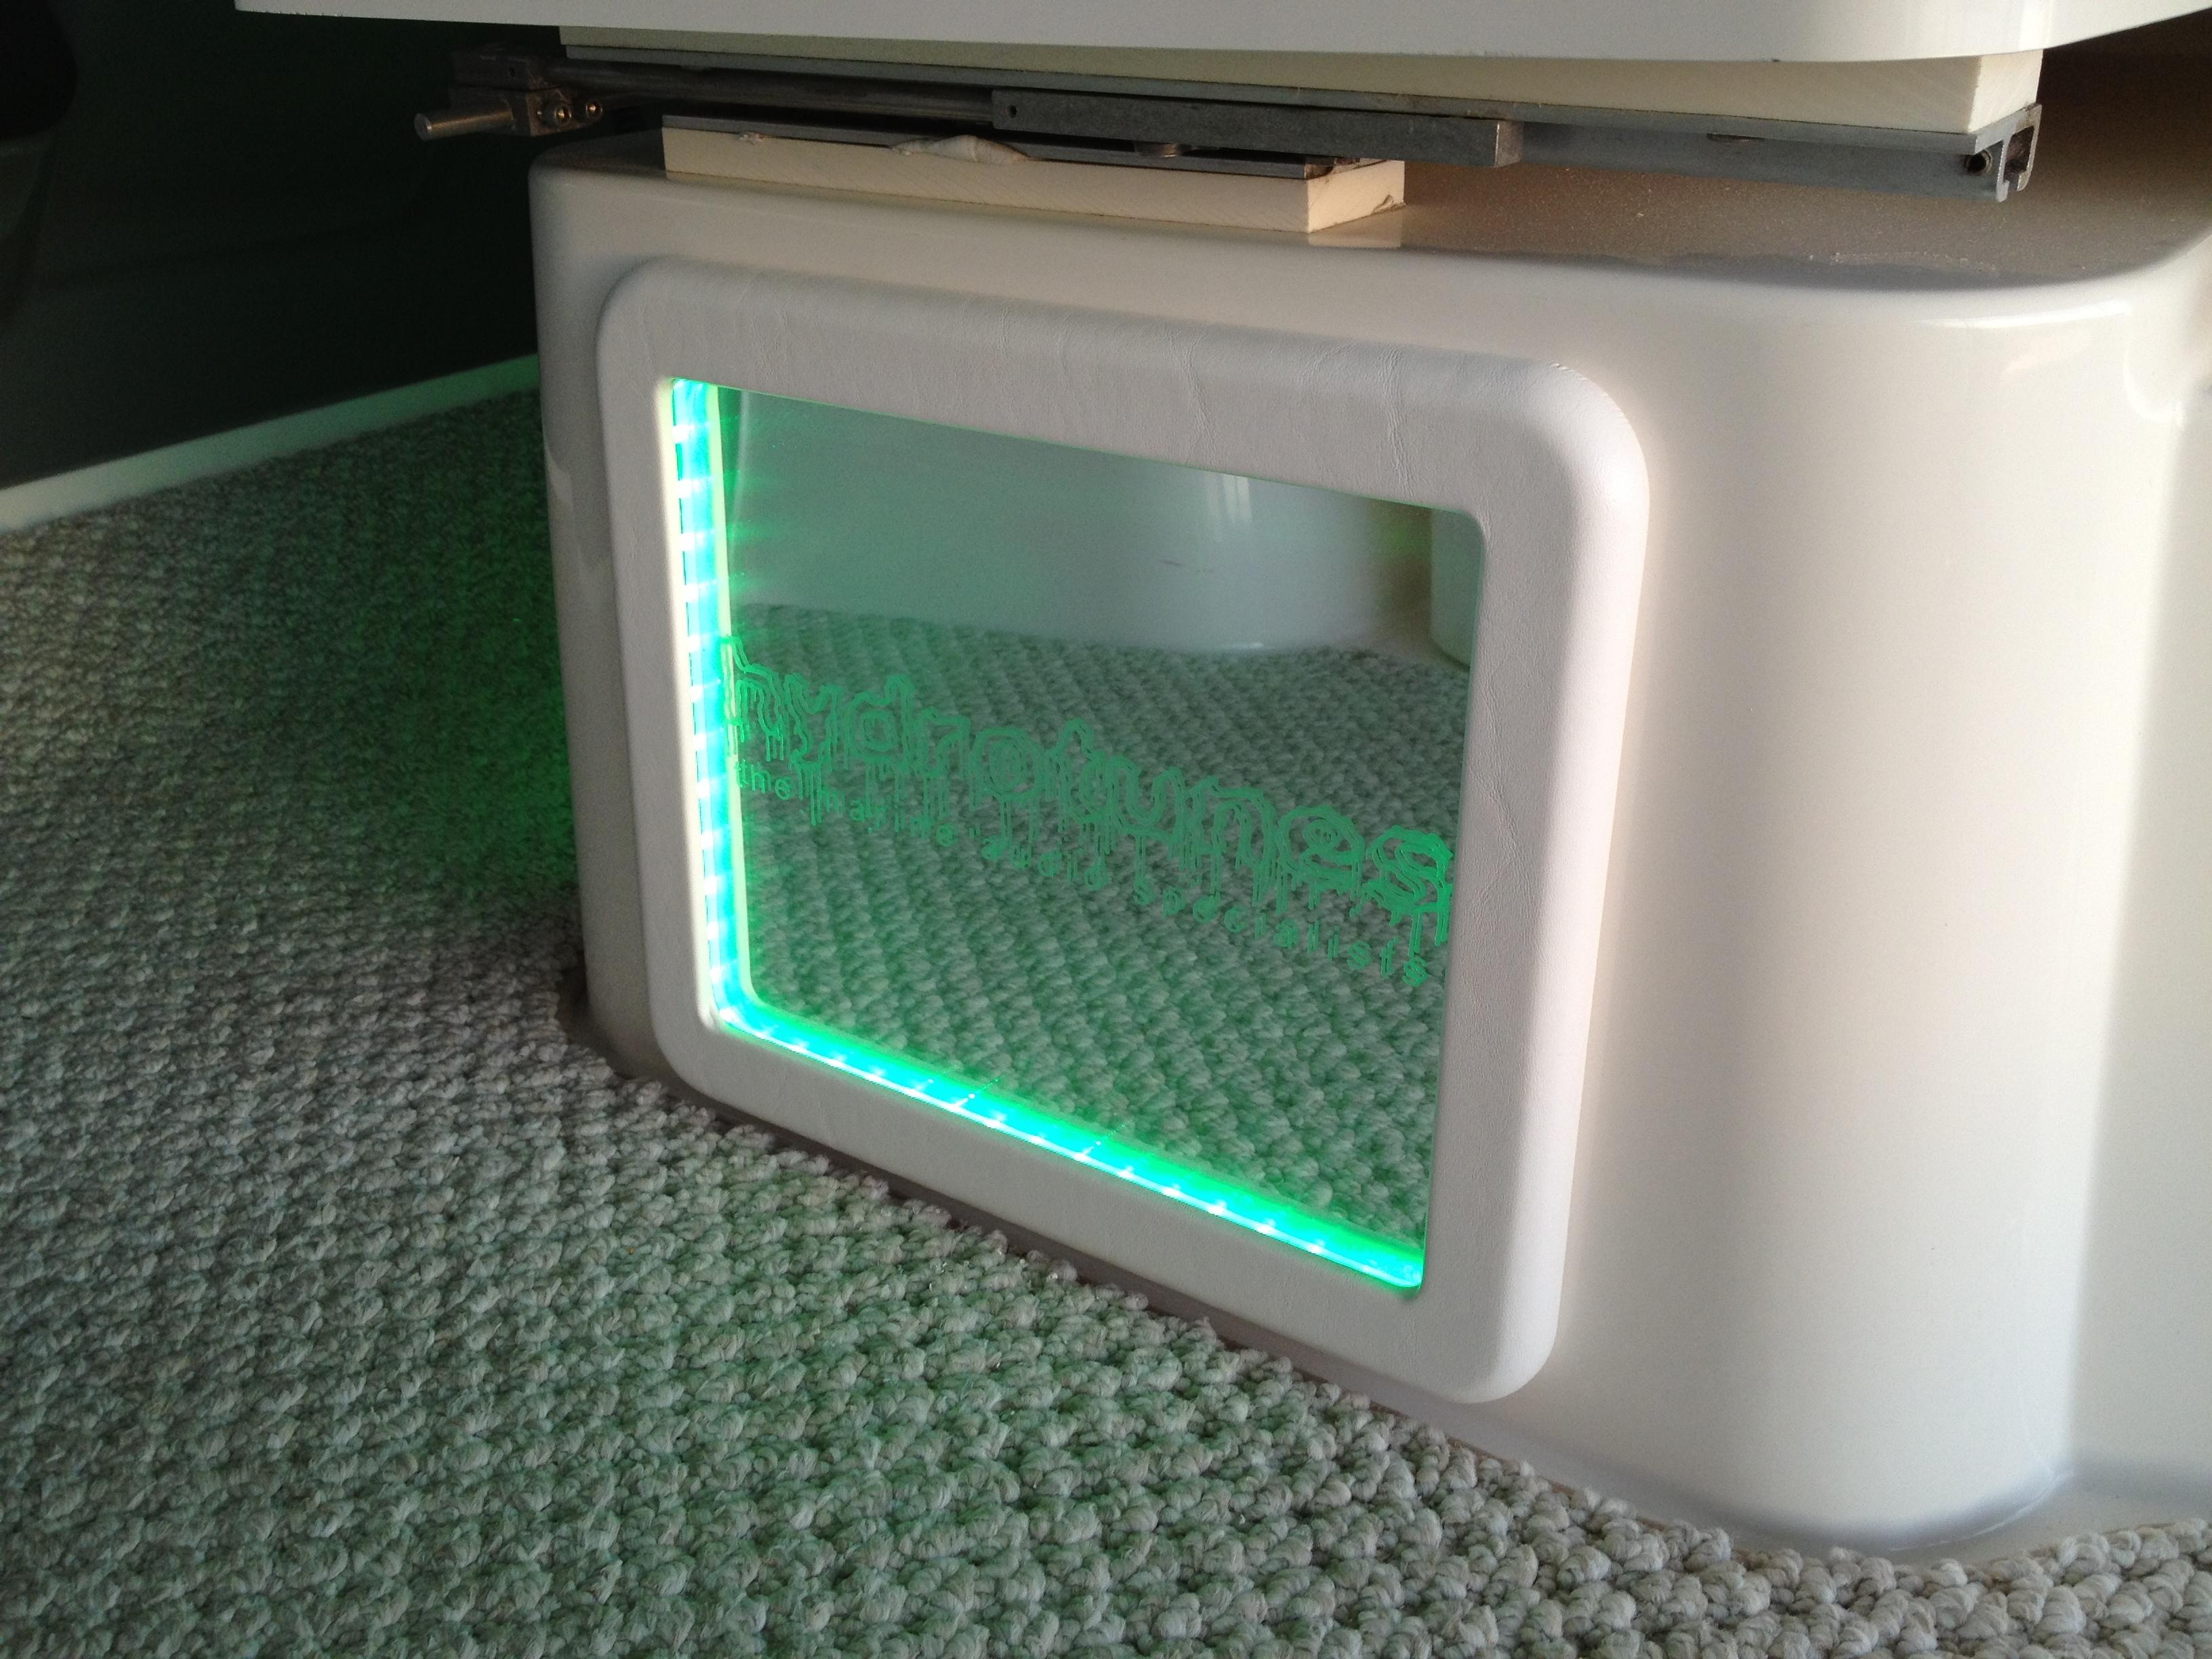 2006 Cruisers Yachts RGB LED JL Audio Wet Sounds ARC Audio Custom Acrylic Pods